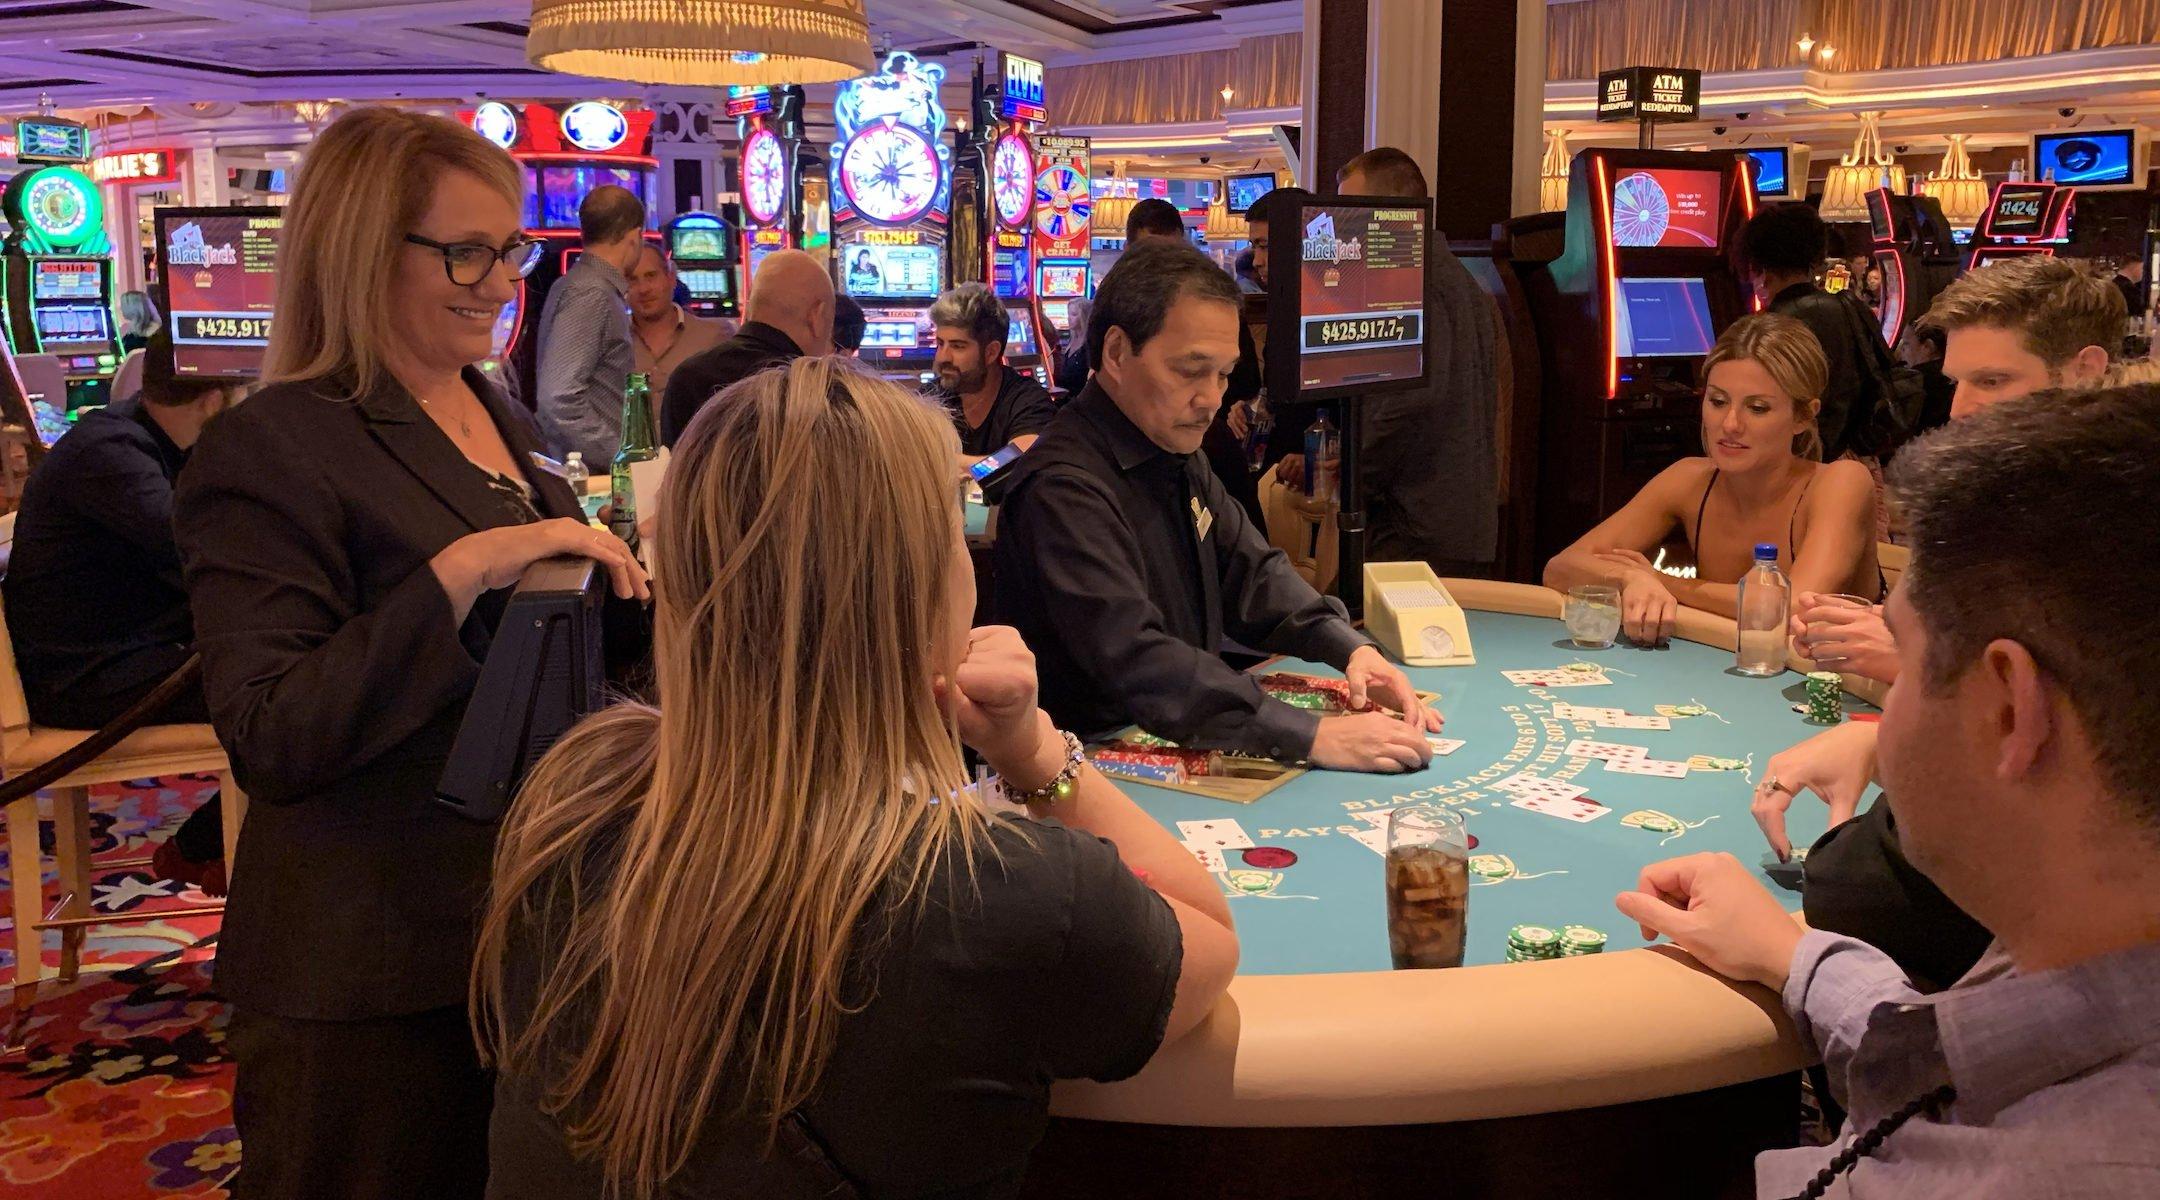 Orly Graves, debout à gauche, discute avec des clients alors qu'elle surveille une table de black jack à l'hôtel Wynn Las Vegas, le 22 septembre 2019. (Josefin Dolsten)